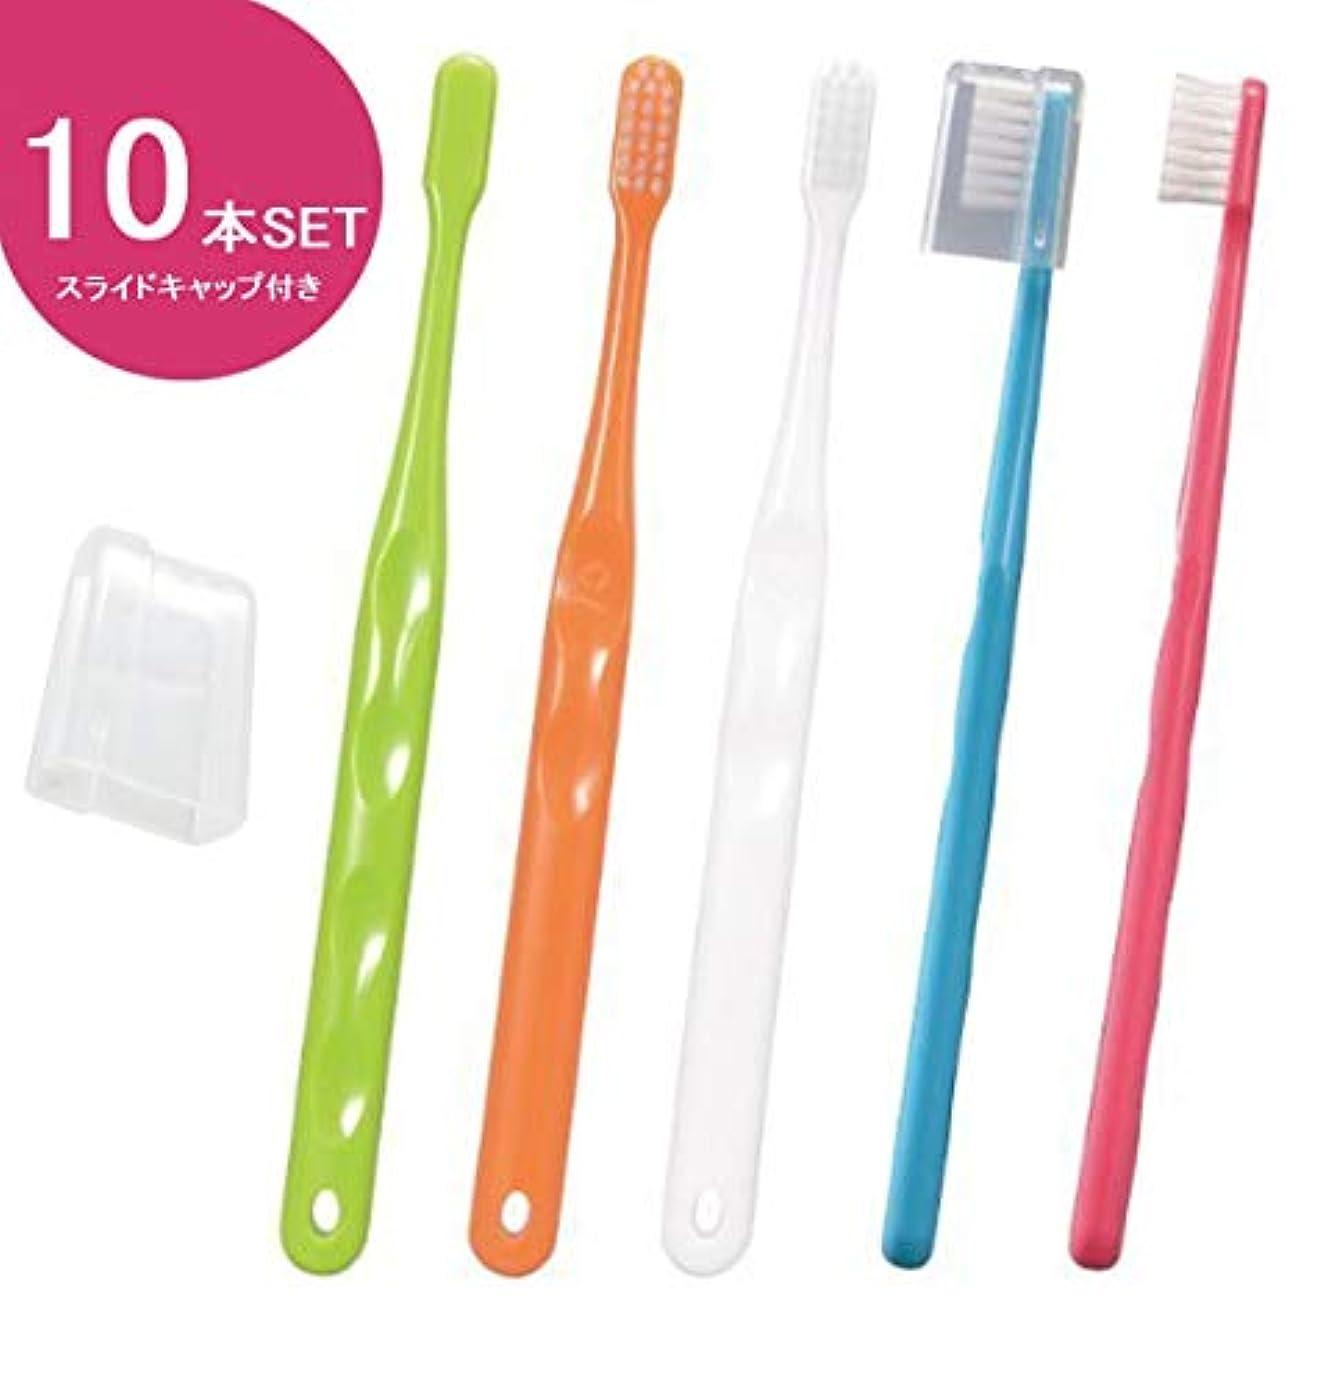 請求合計硬いCiメディカル Ci700 (超先細+ラウンド毛) 歯ブラシ S(やわらかめ) スライドキャップ付き 10本